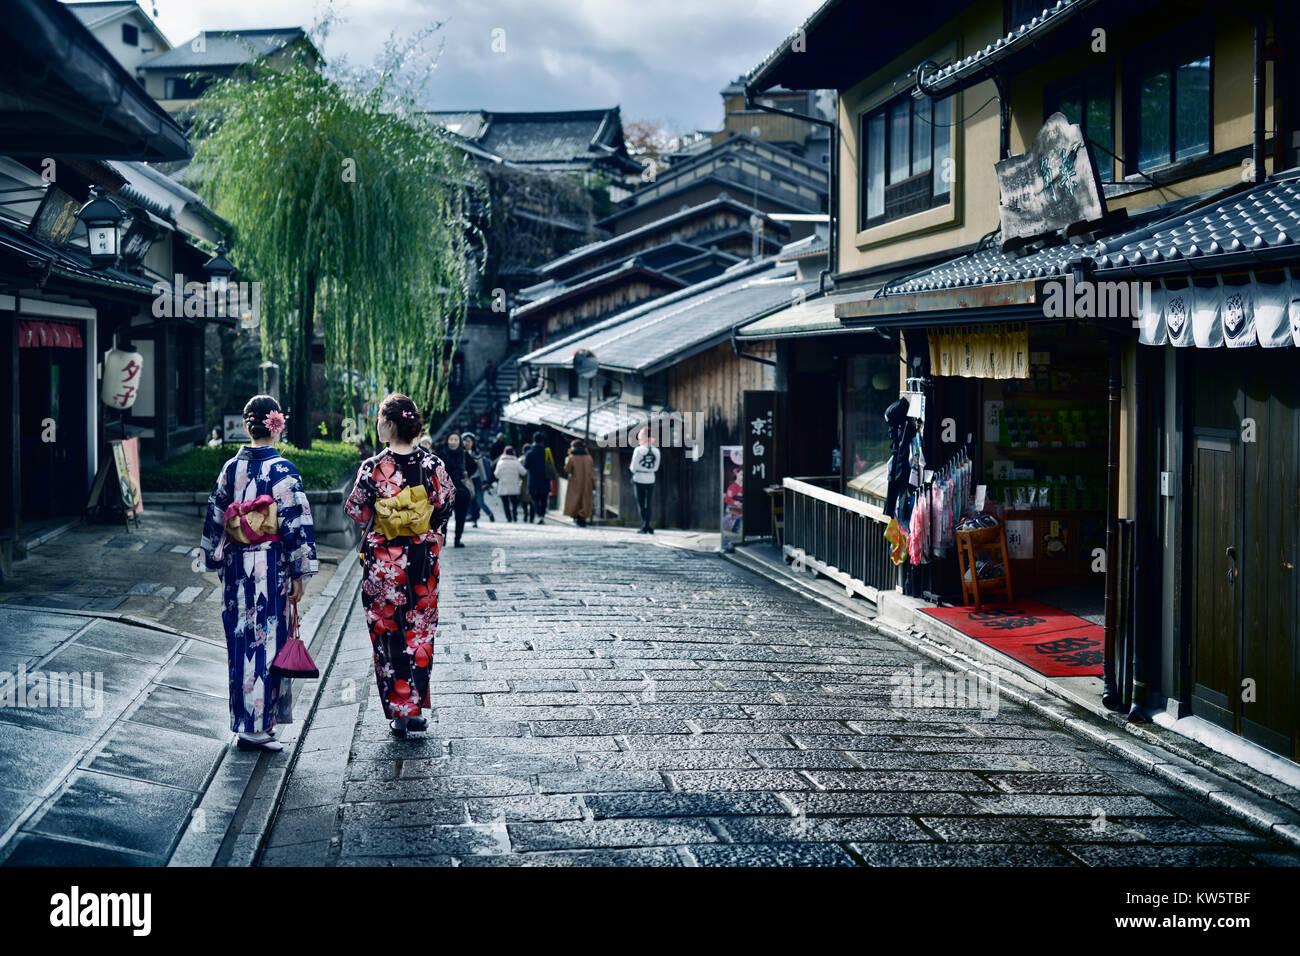 Two girls in bright Yukata kimonos with their obi tied in a bow walking down Yasaka dori street in Kyoto near Kiyomizu - Stock Image